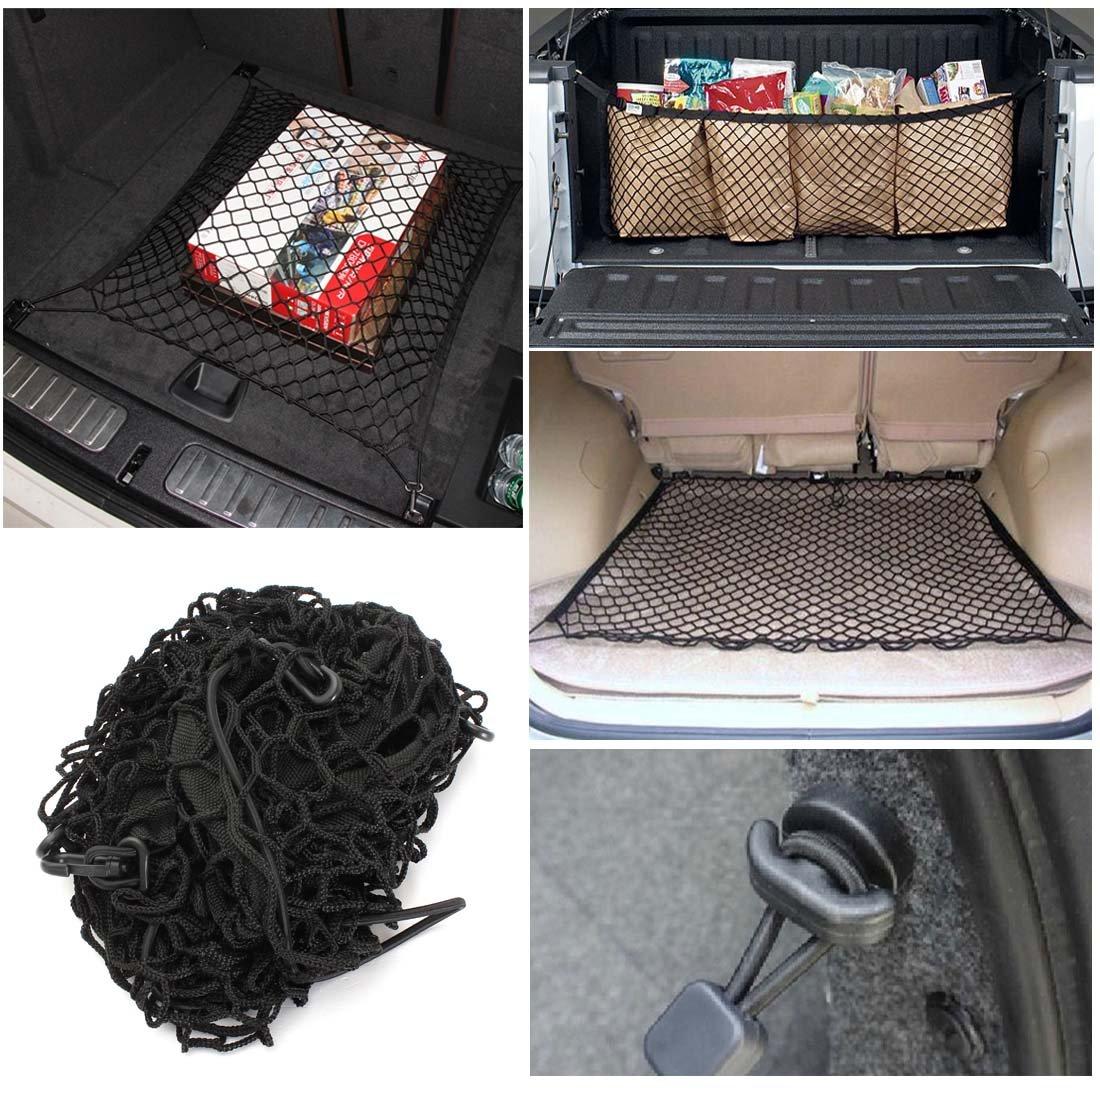 2/points de fixation/-/Organiseur de coffre de rangement Rangement pour voiture universel Grand /élastique Flexi Cargo Net Filet de s/écurit/é 70/x 70/cm